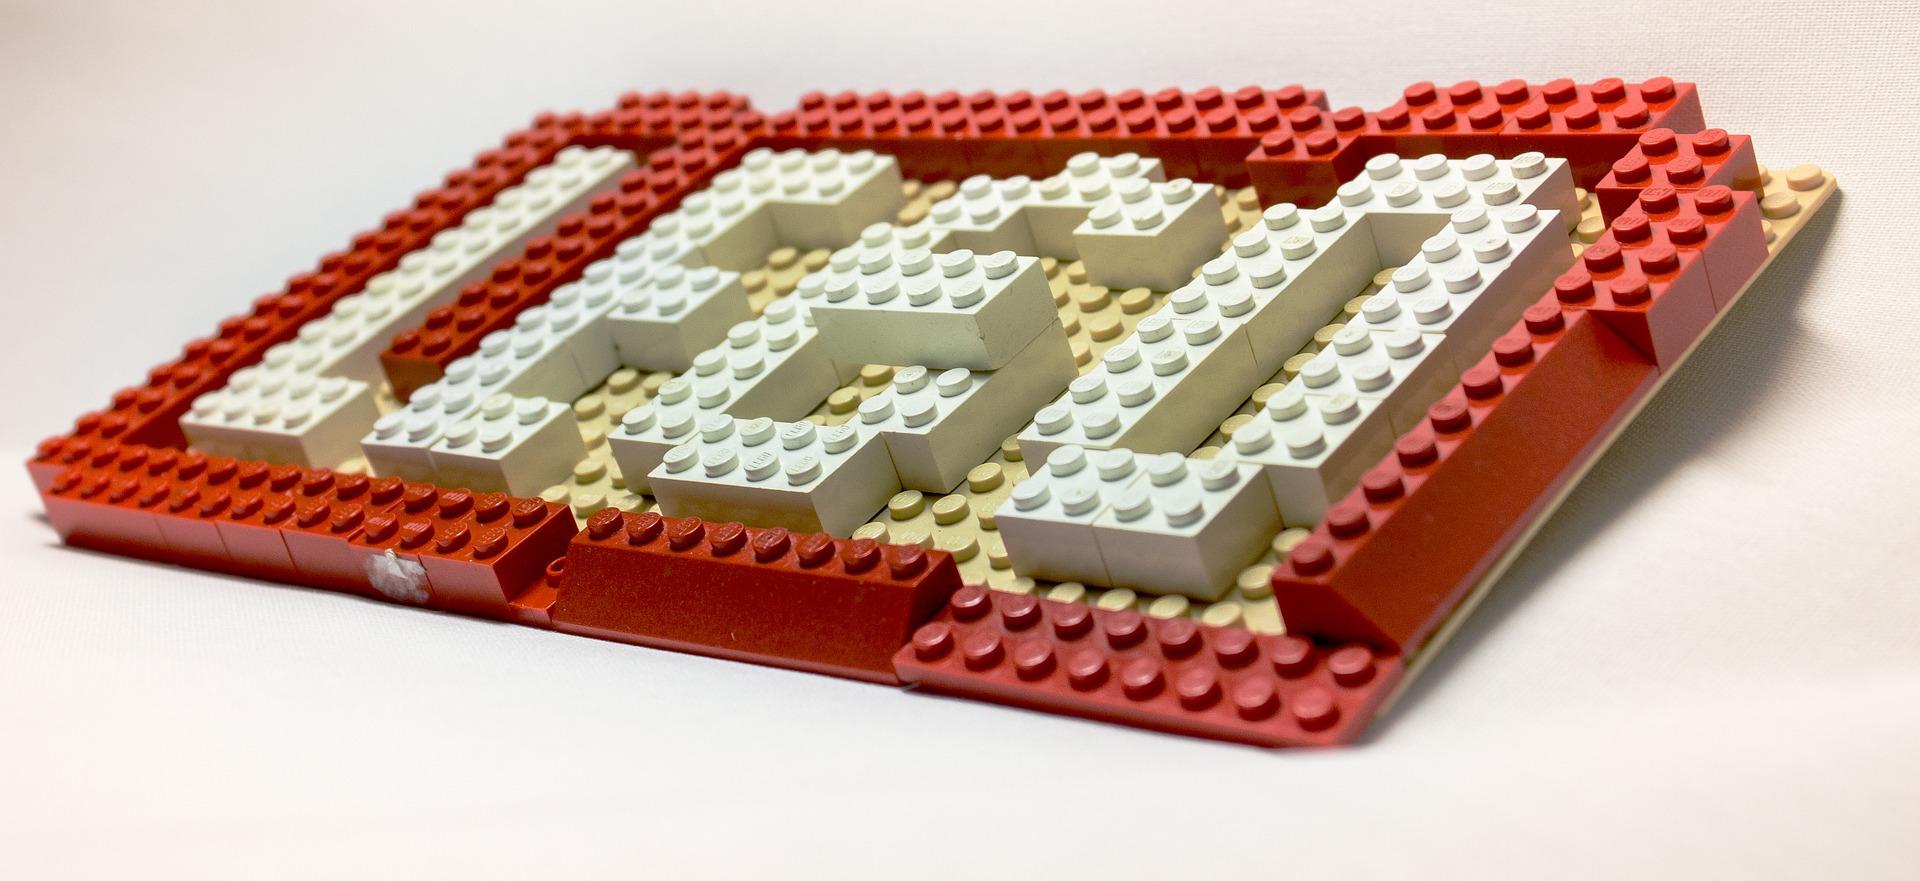 lego-854147_1920.jpg